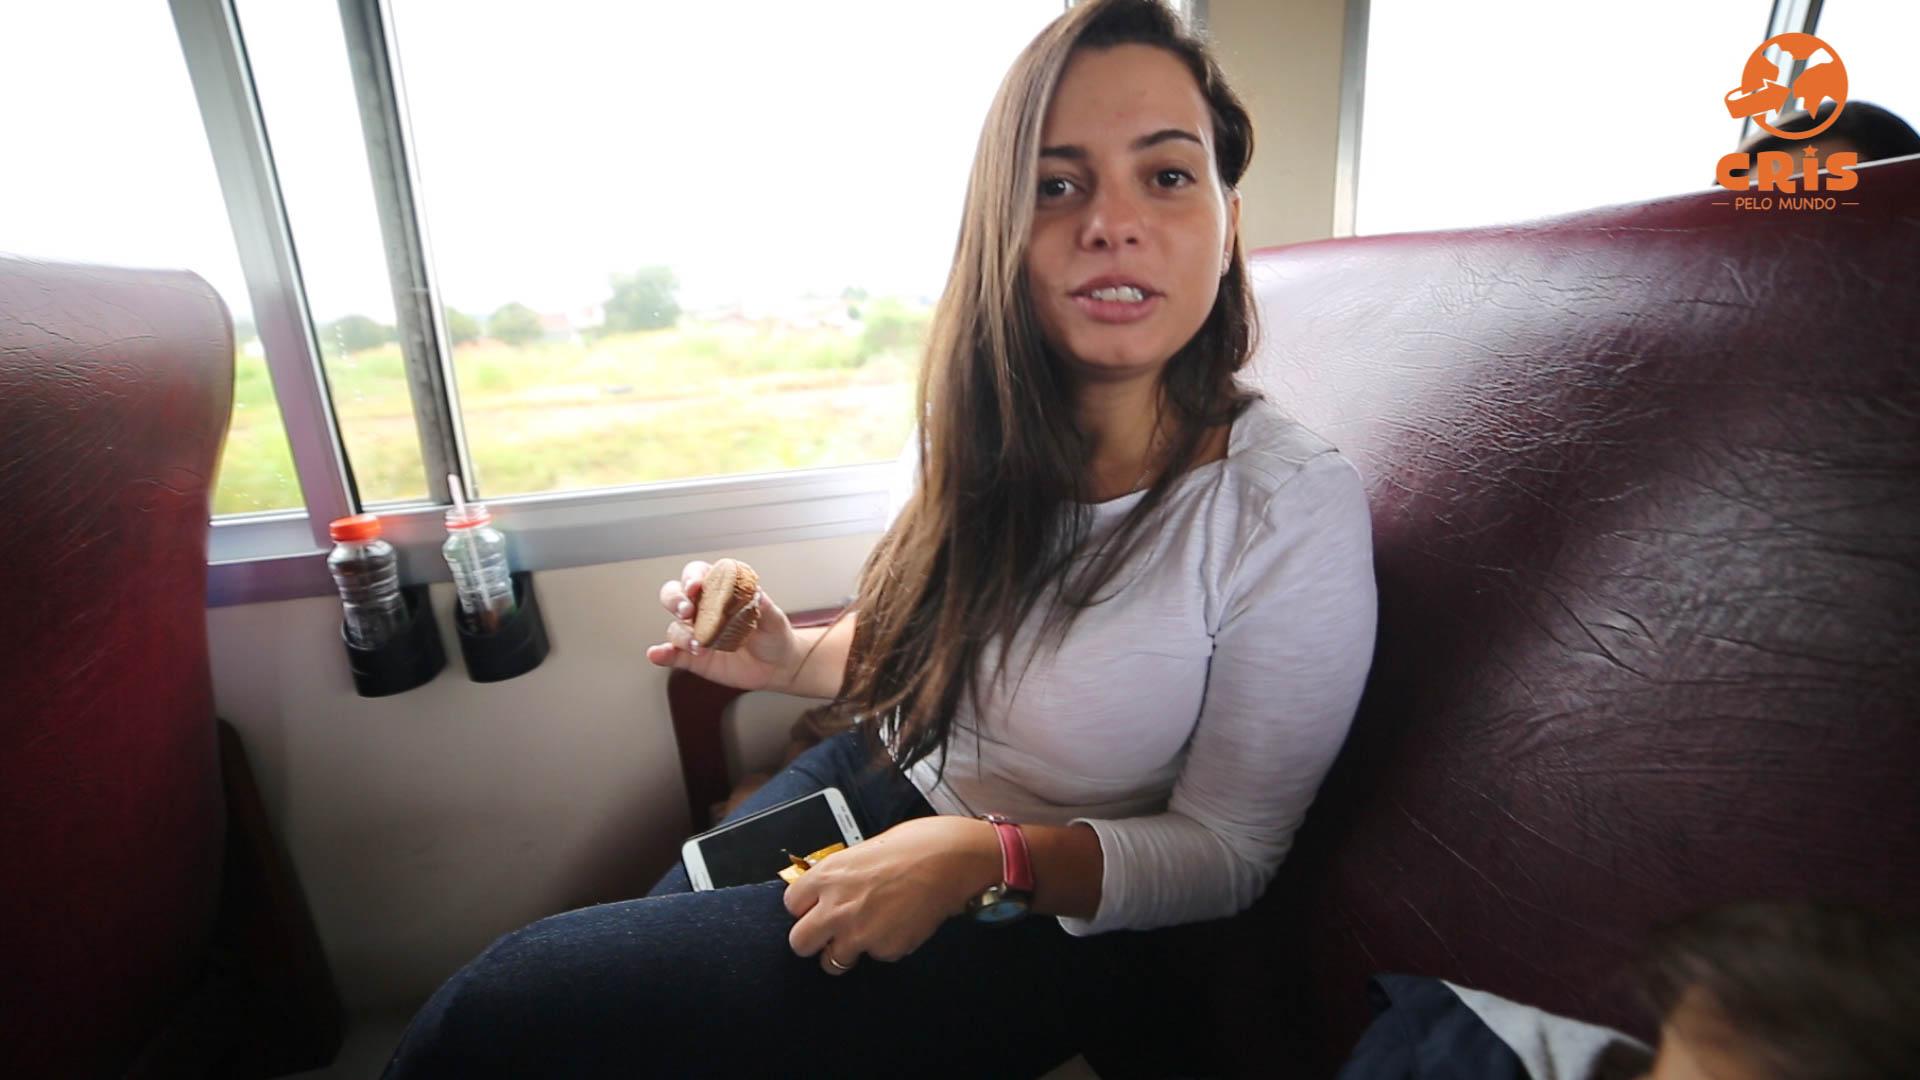 http://crispelomundo.com.br/viajando-pelo-brasil-de-carro/